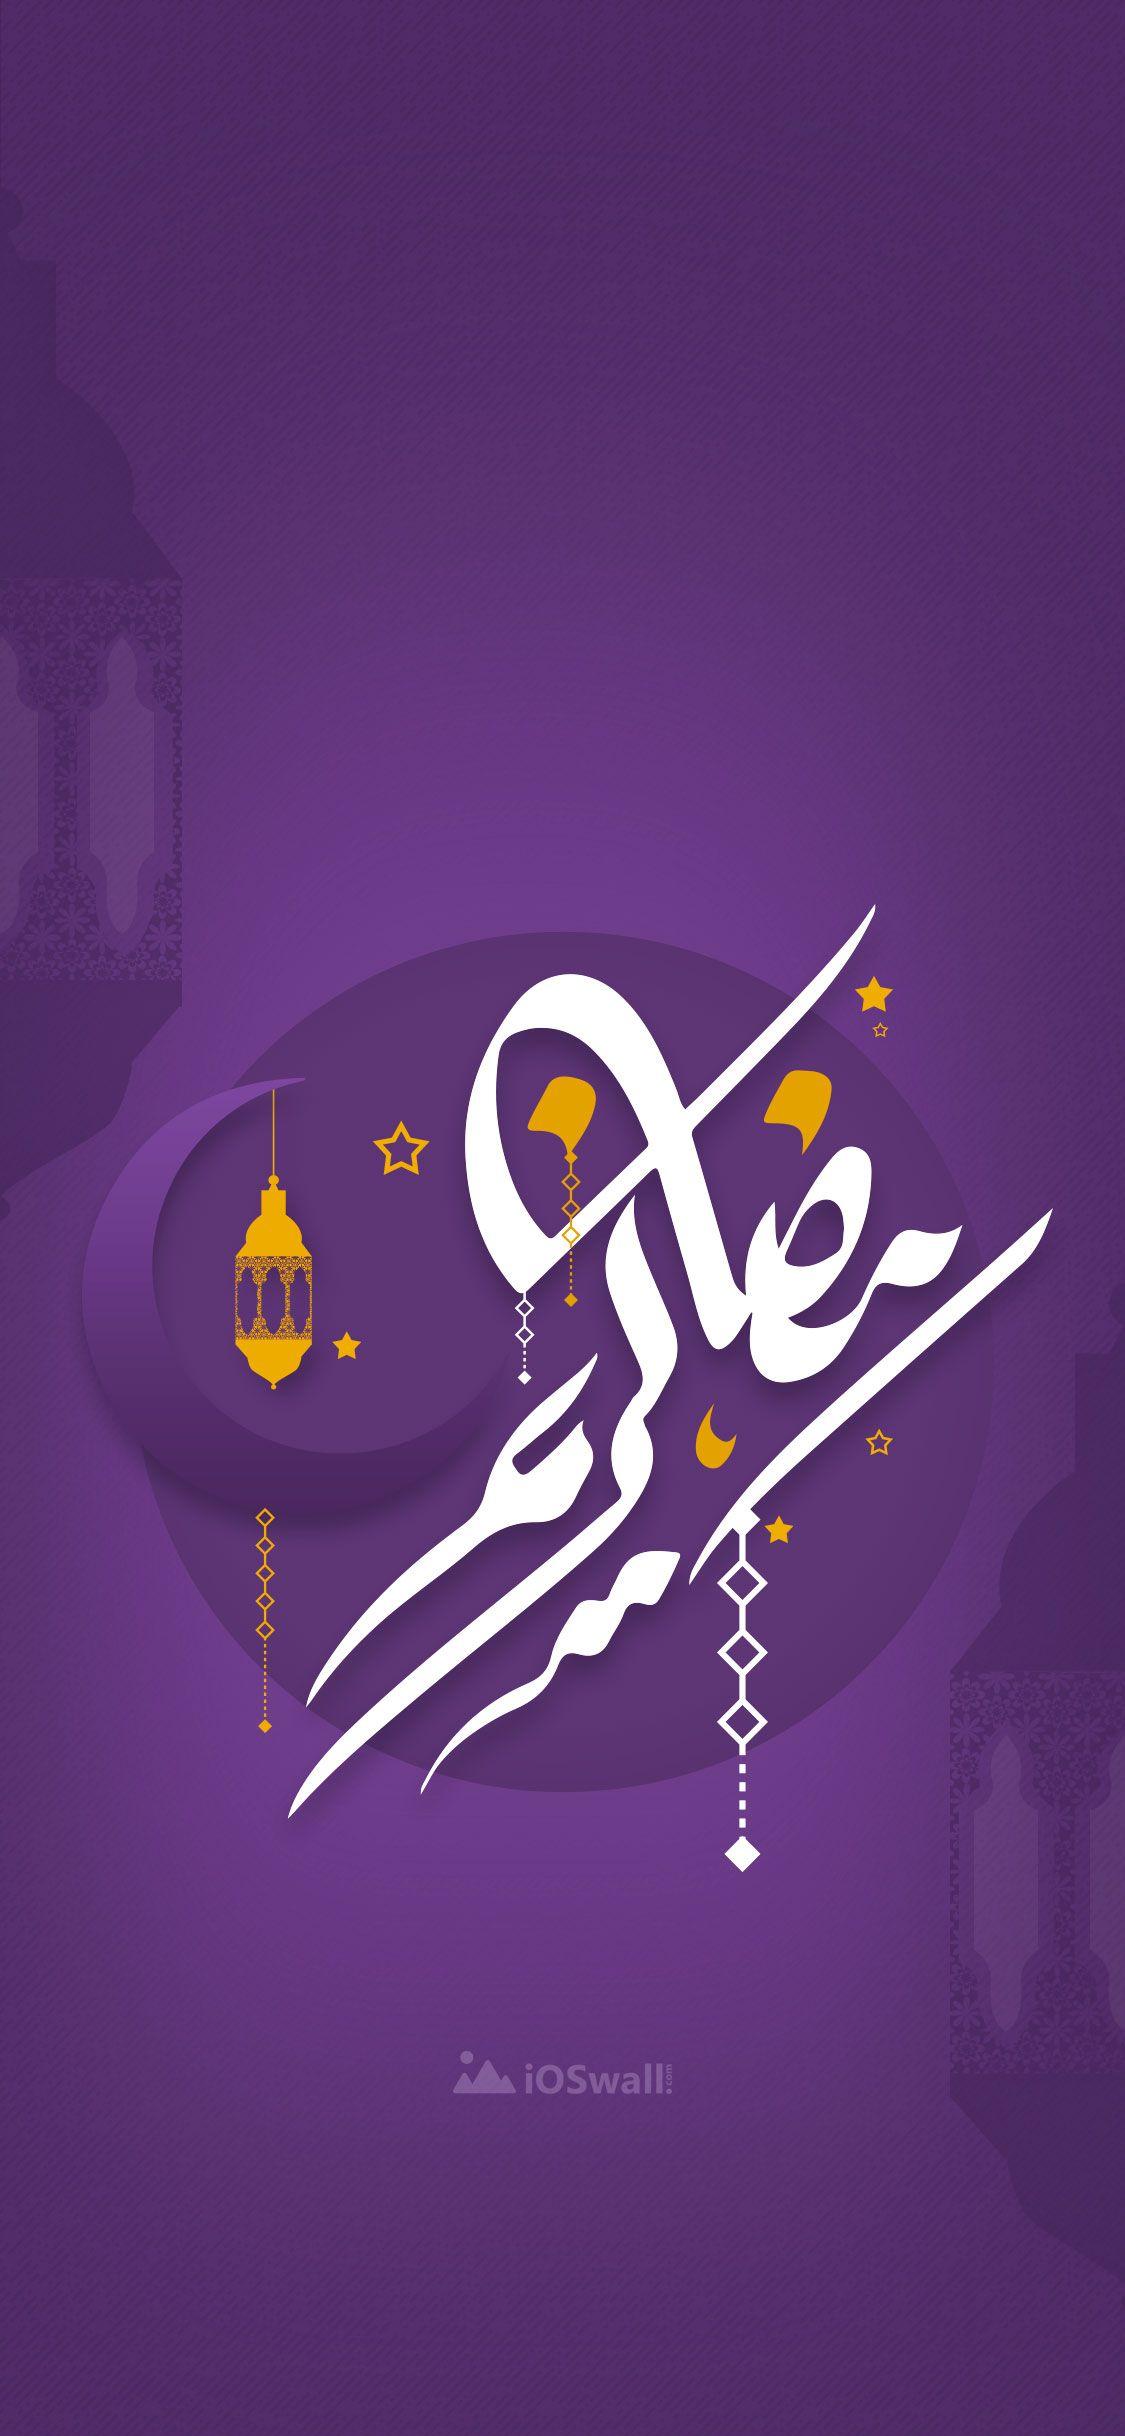 Ramadan Kareem Iphone X Wallpaper Ioswall Ramadan Kareem Ramadan Wallpaper